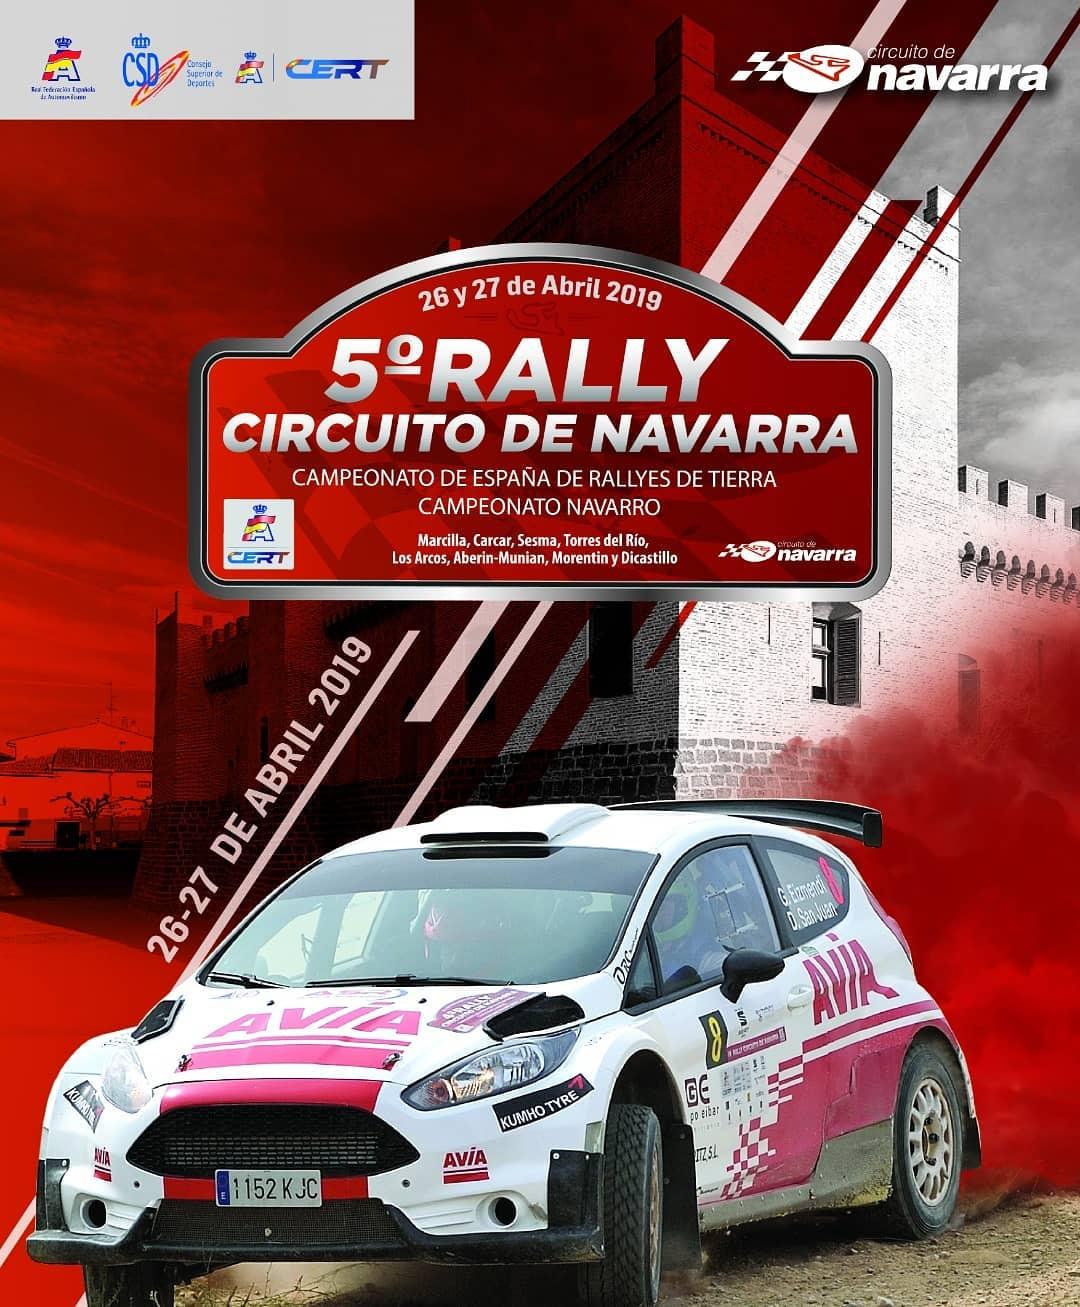 cartel rally circuito de navarra 2019